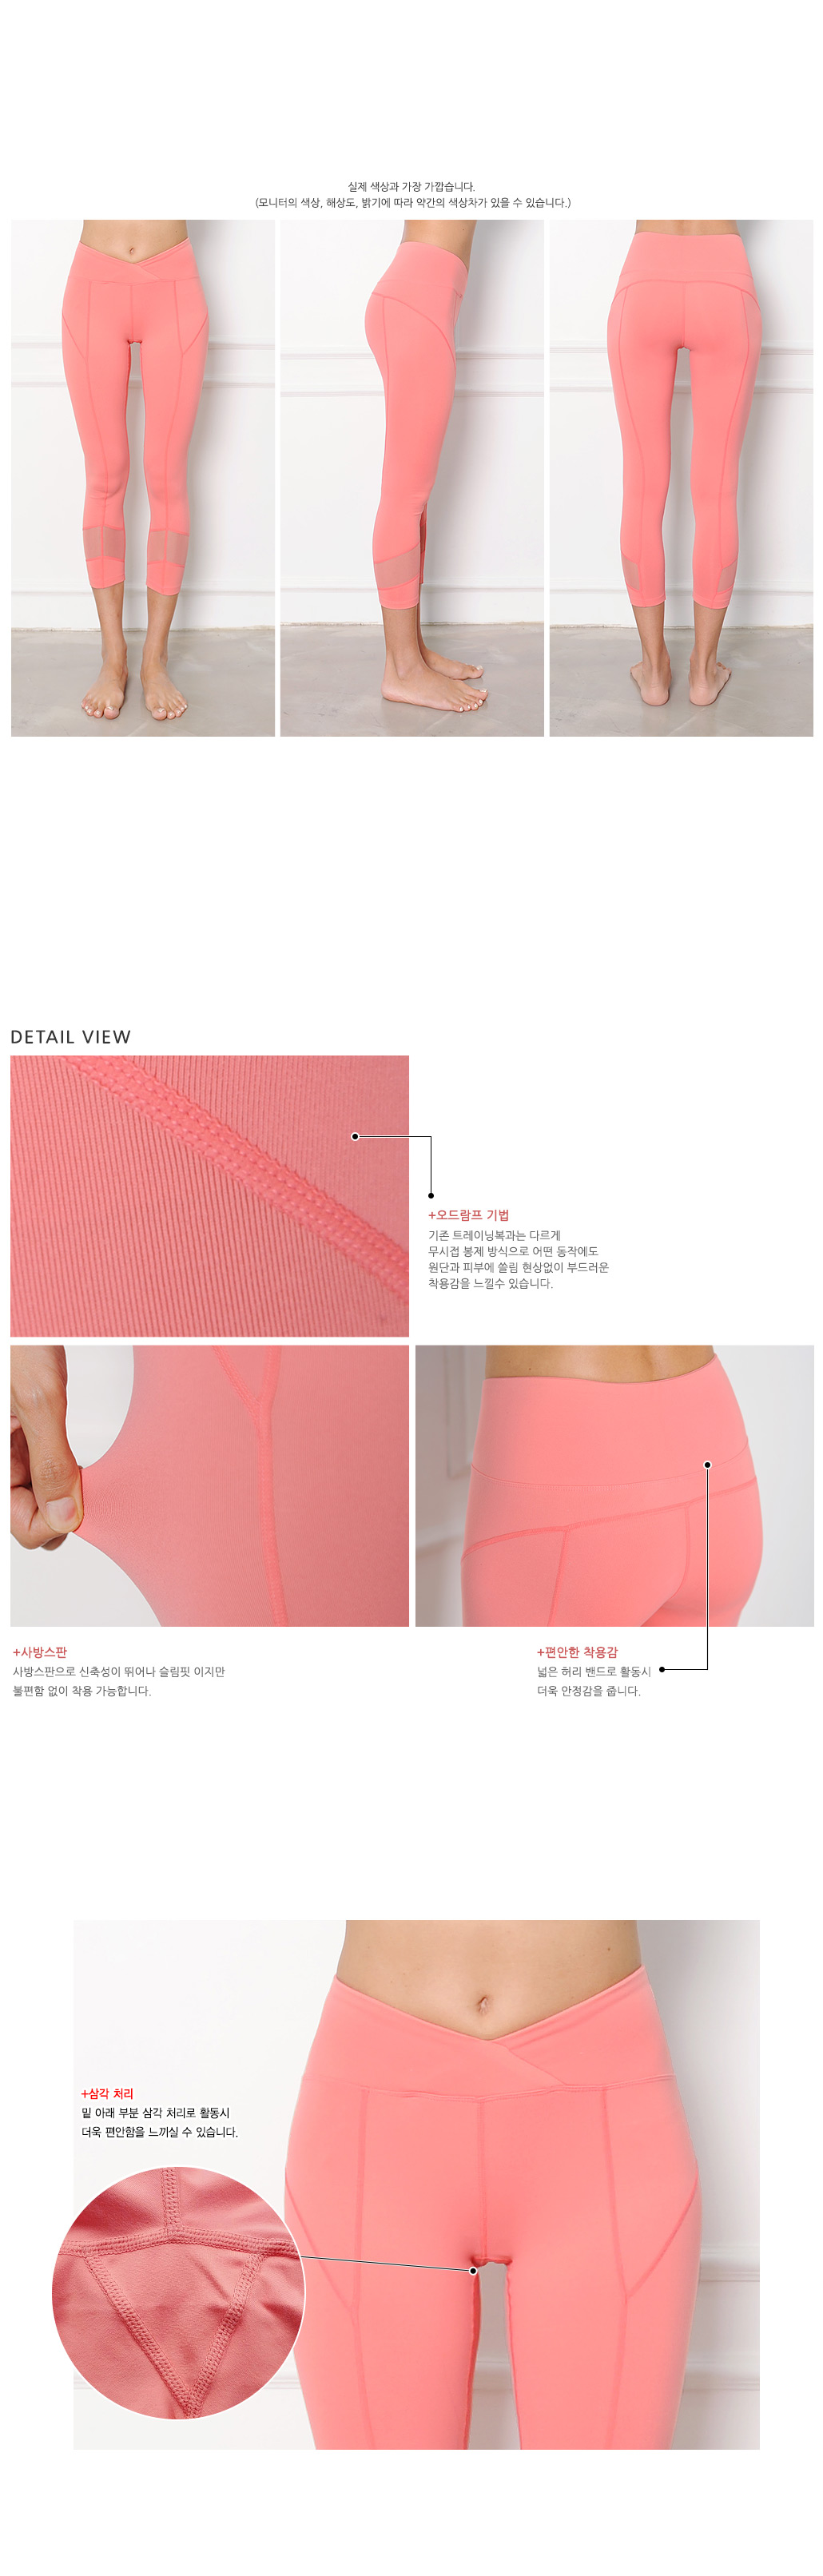 170707-womanpants-14-06.jpg